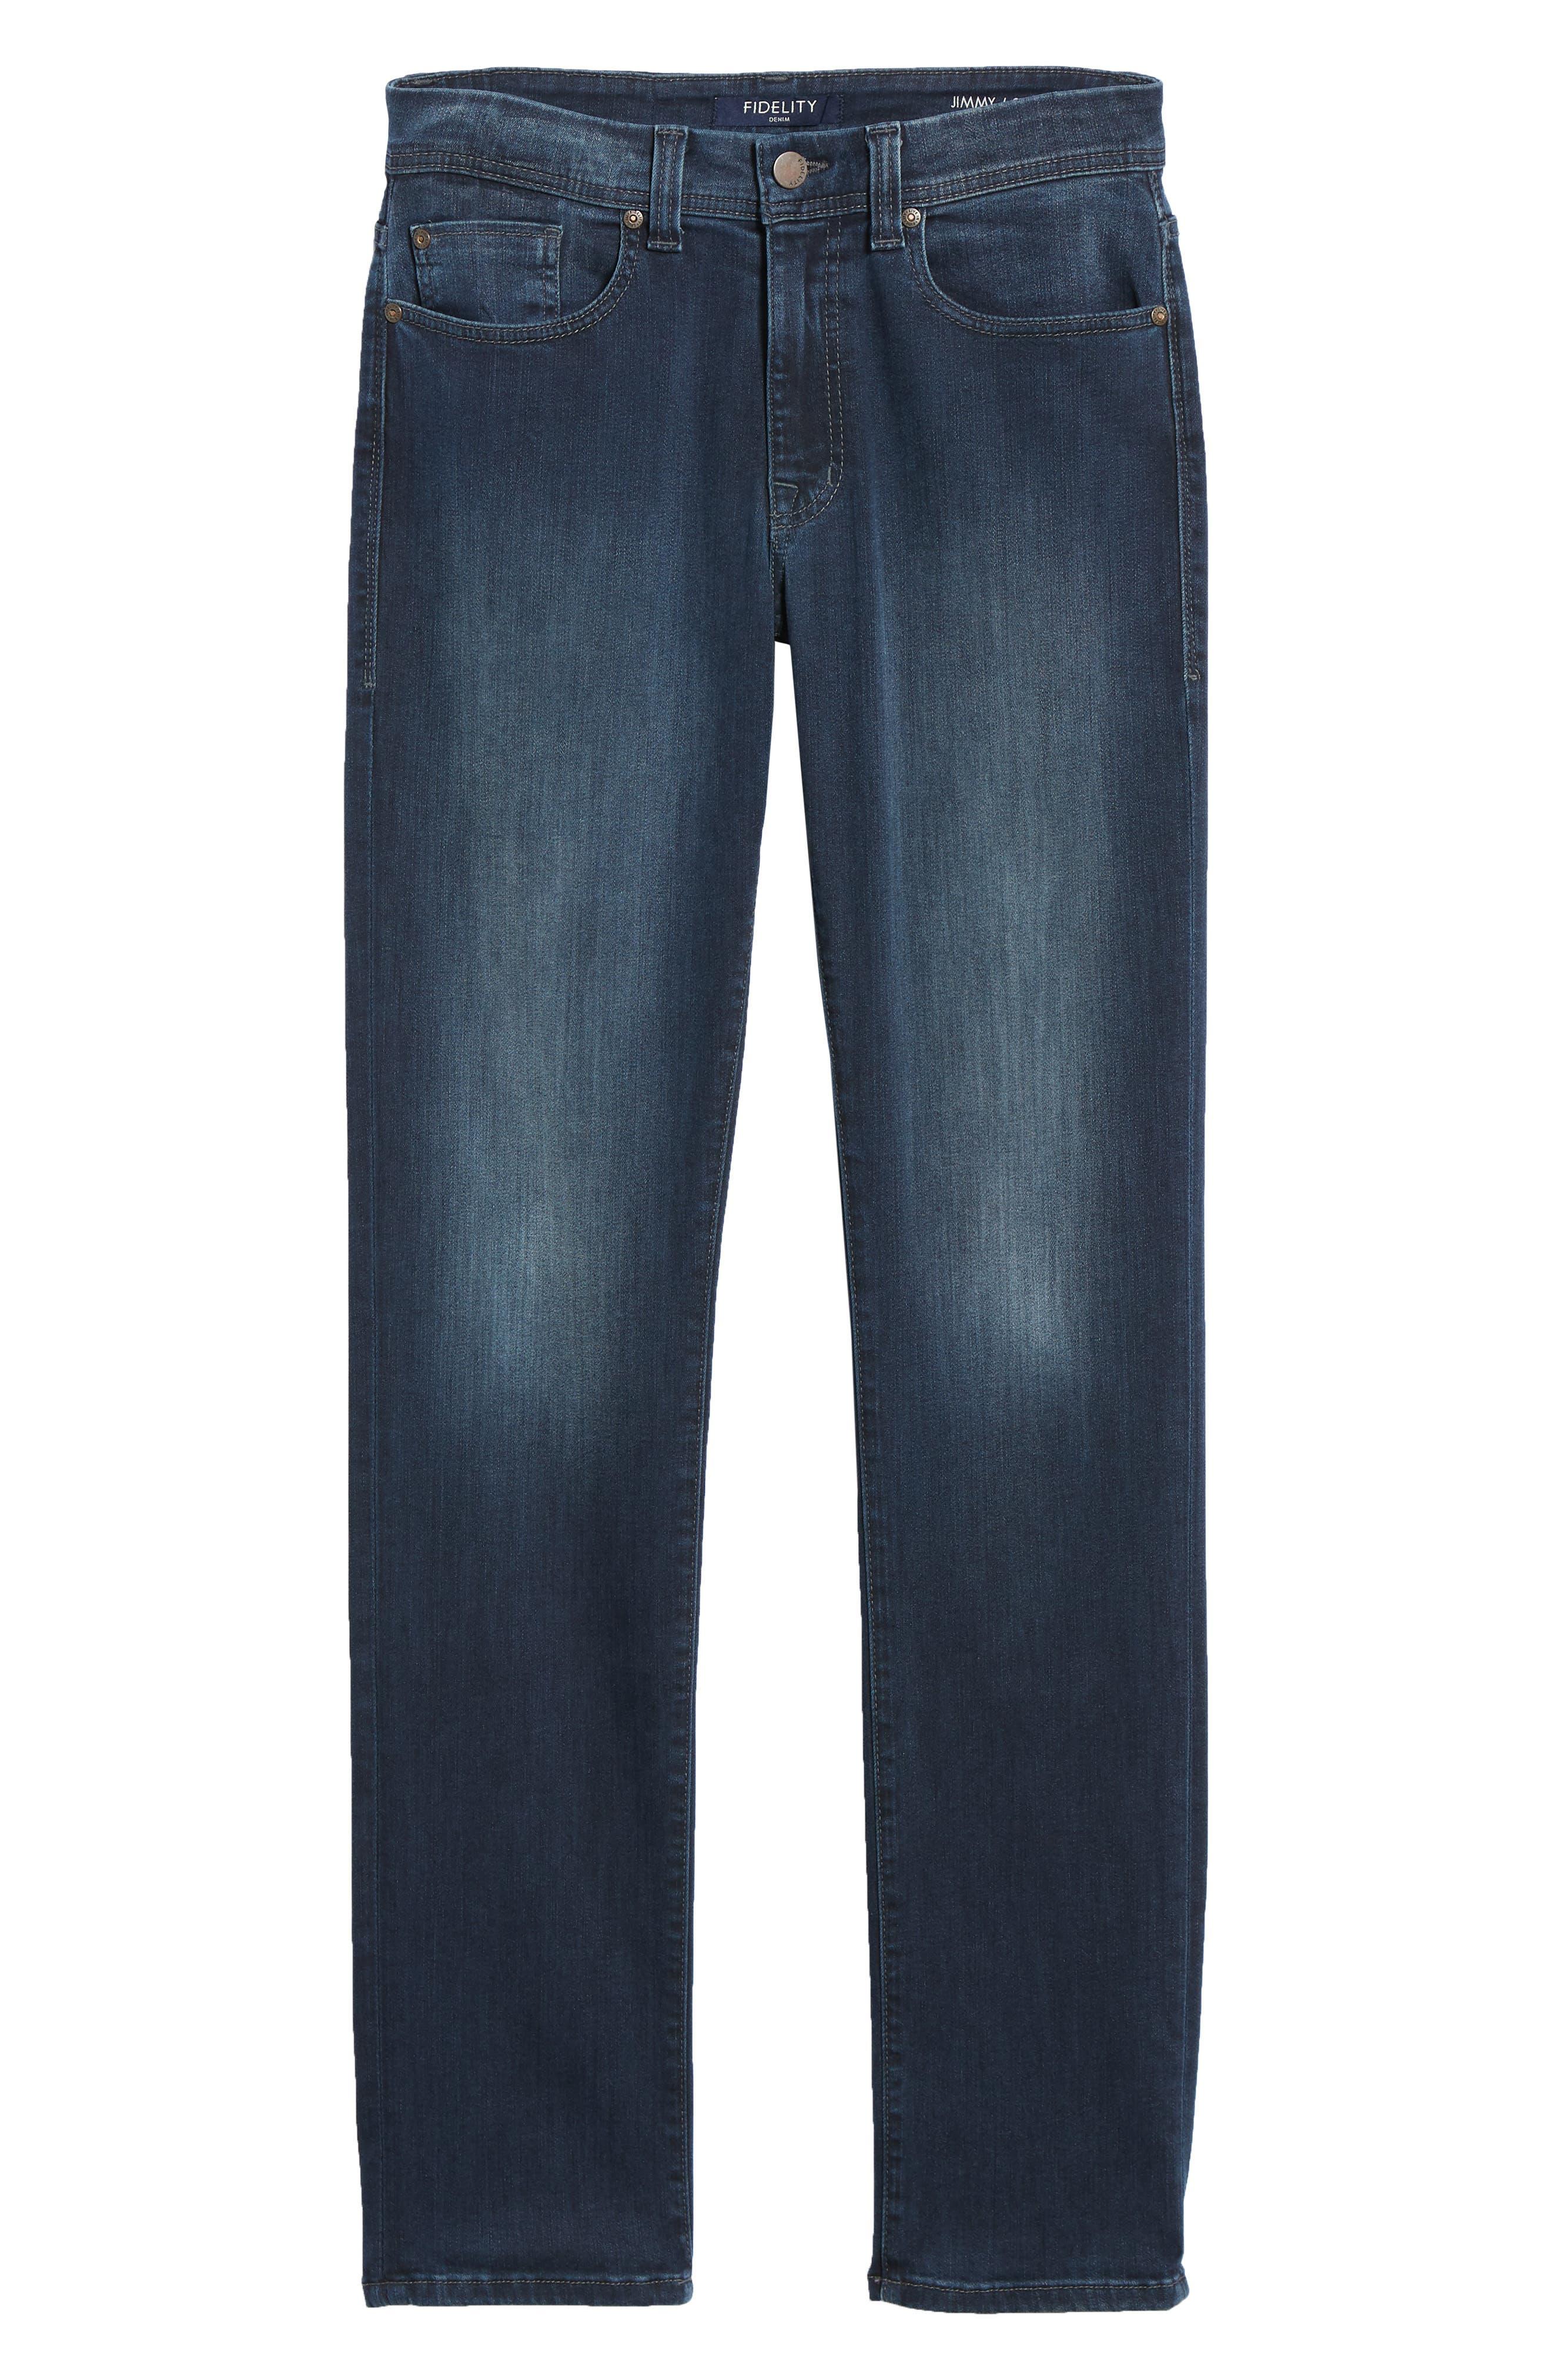 Fidelity Slim Straight Leg Jeans,                             Alternate thumbnail 6, color,                             BEL AIR BLUE